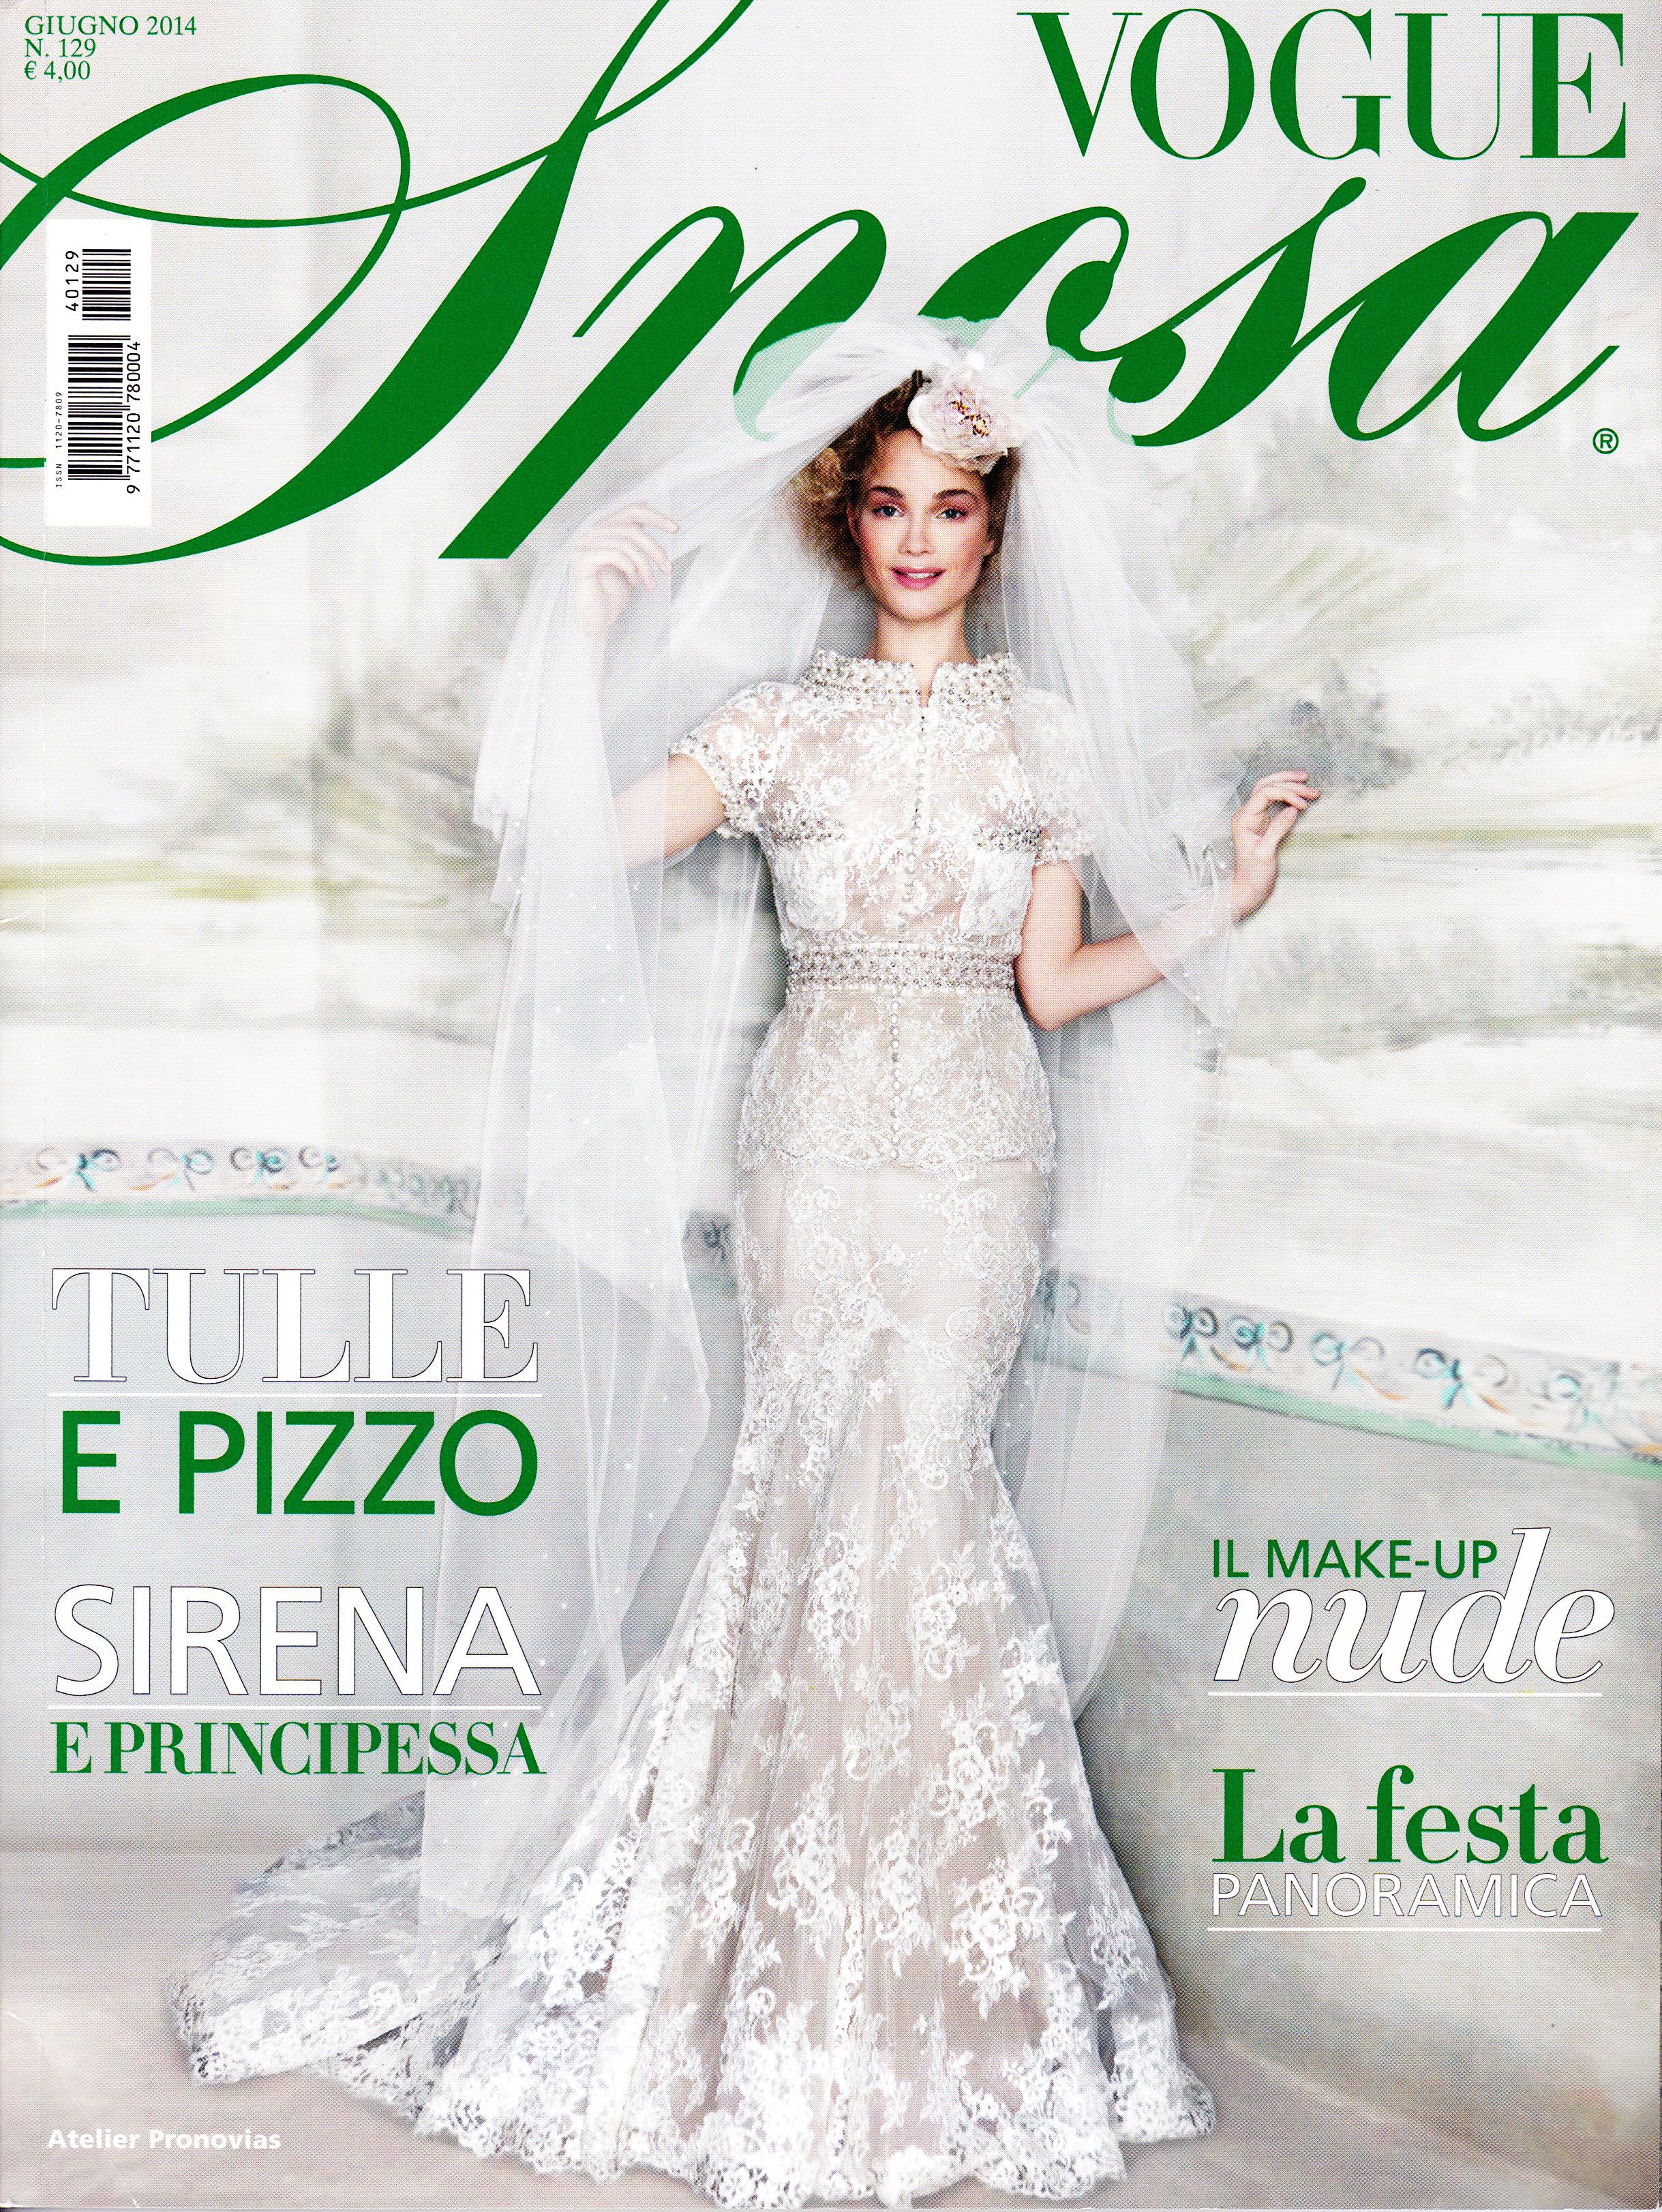 Vogue Sposa June 2014_1